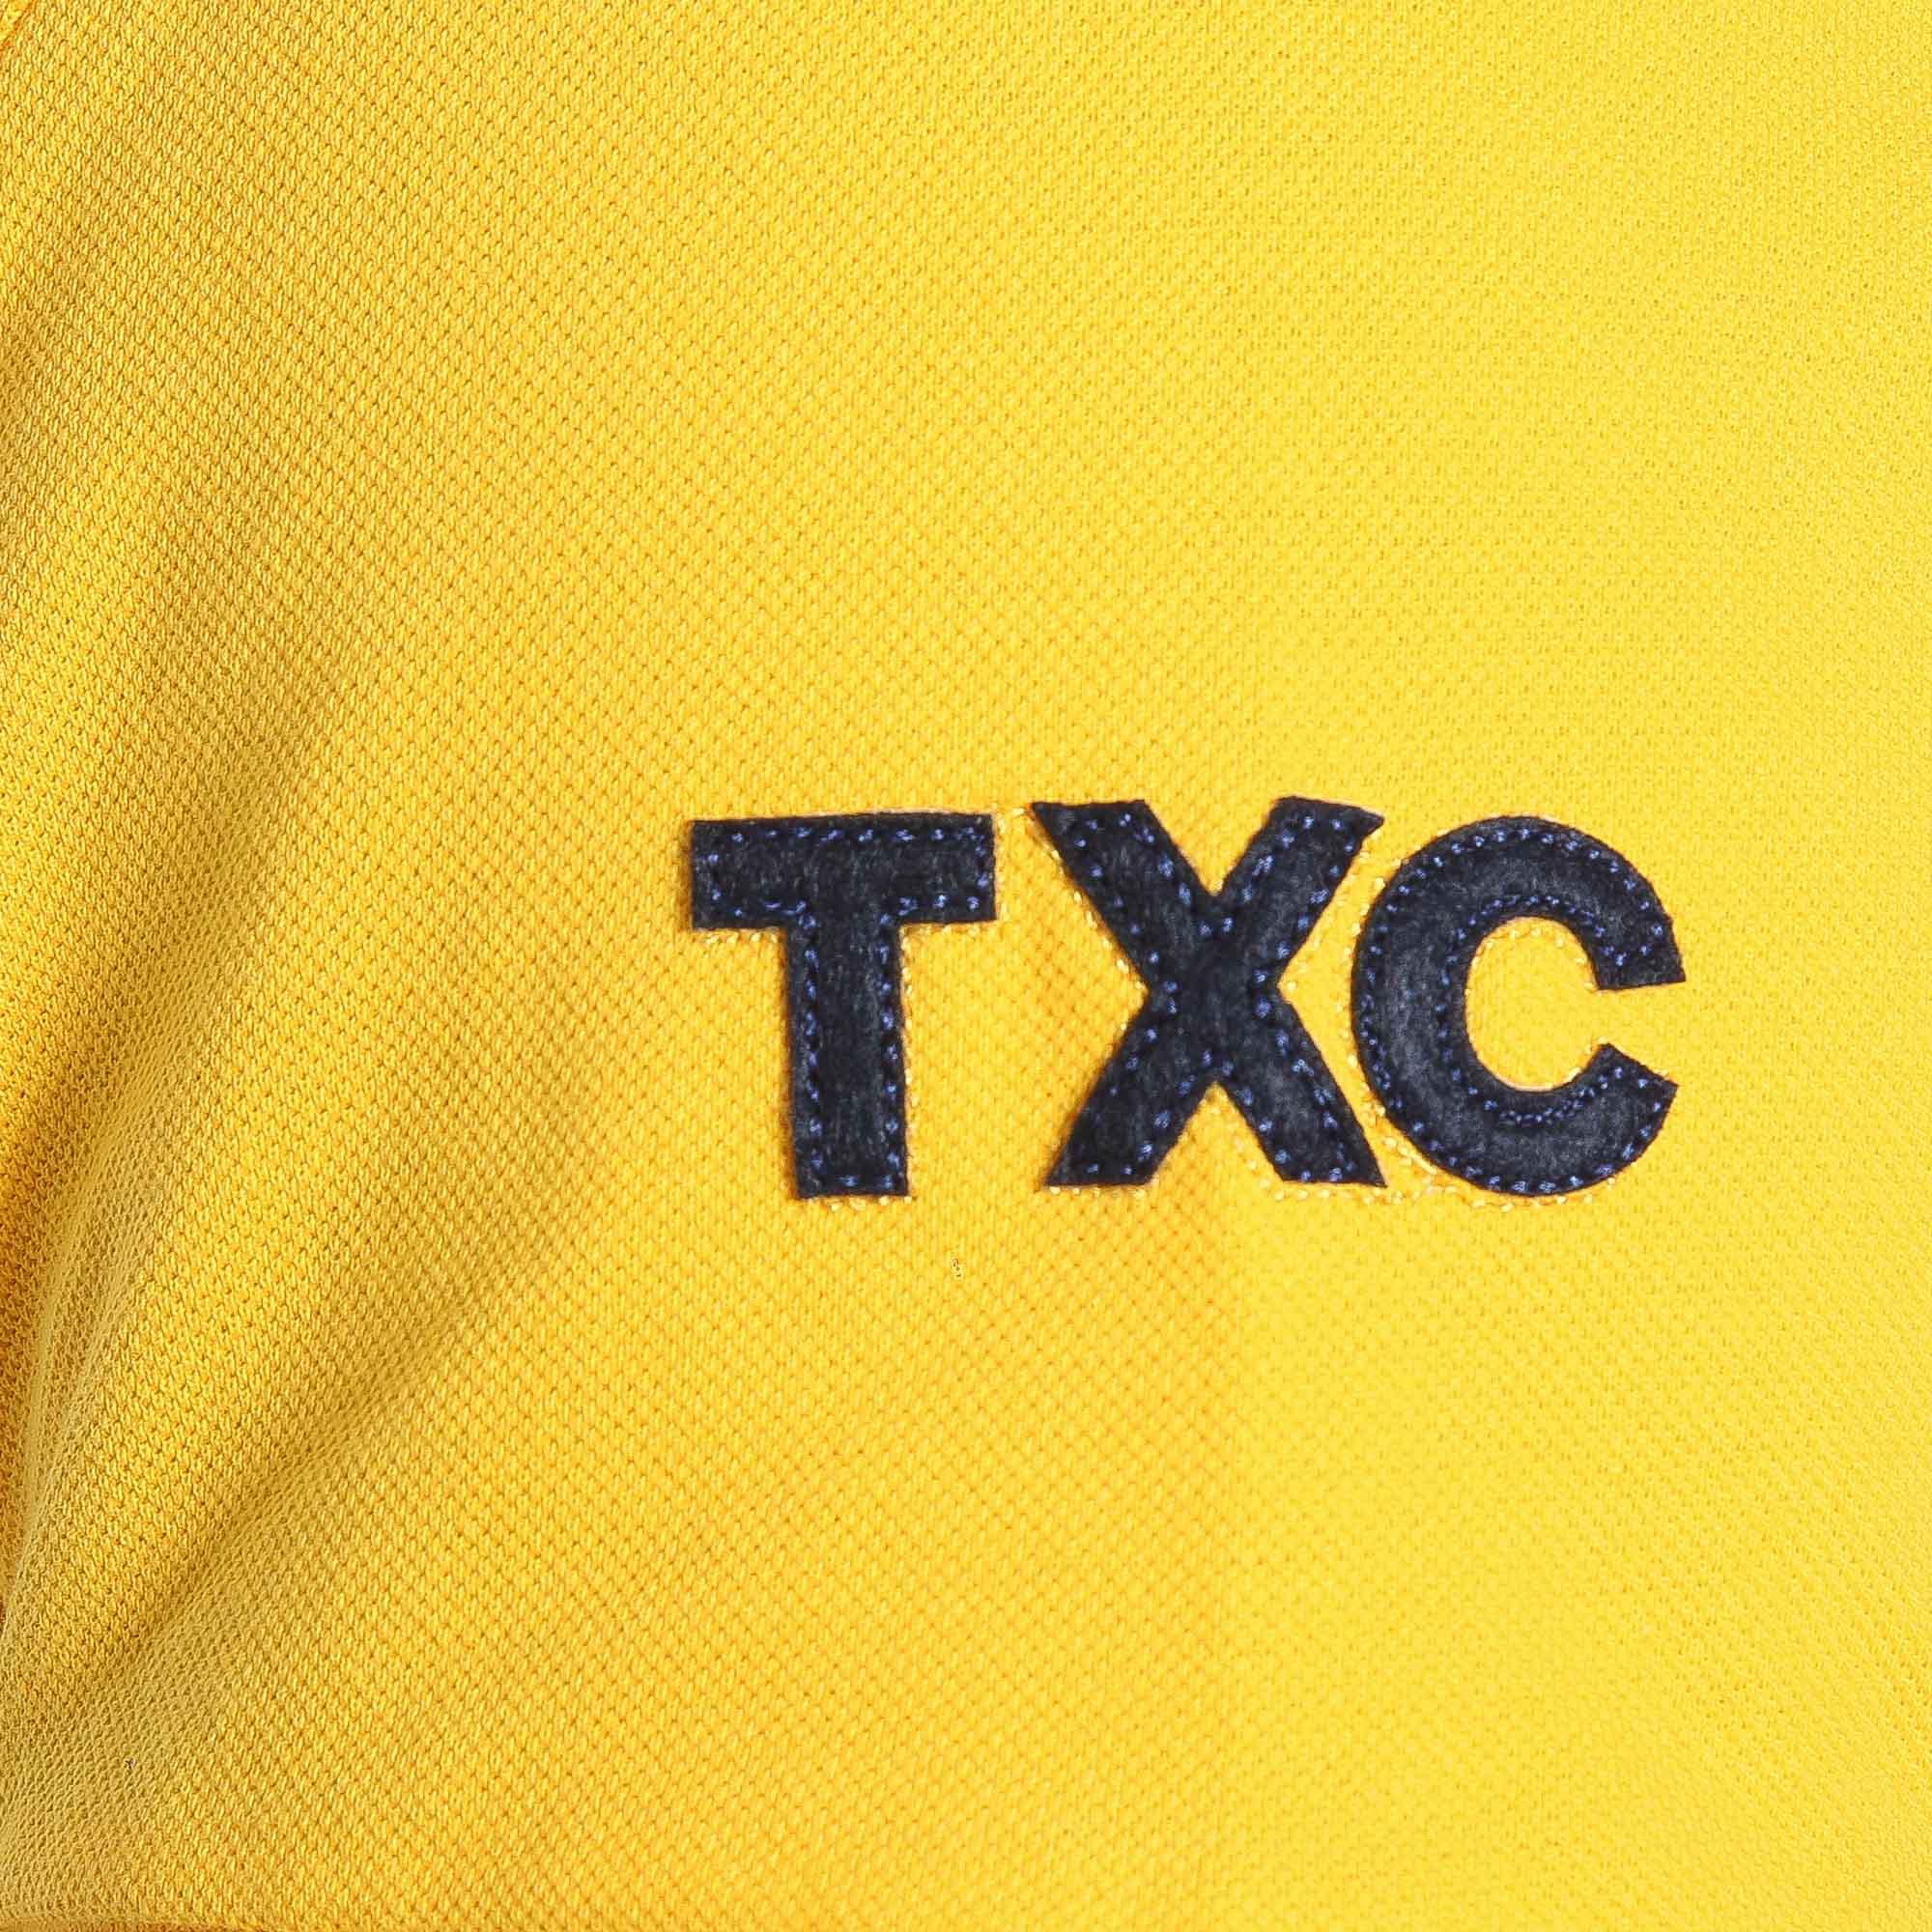 Polo TXC Brand 6170